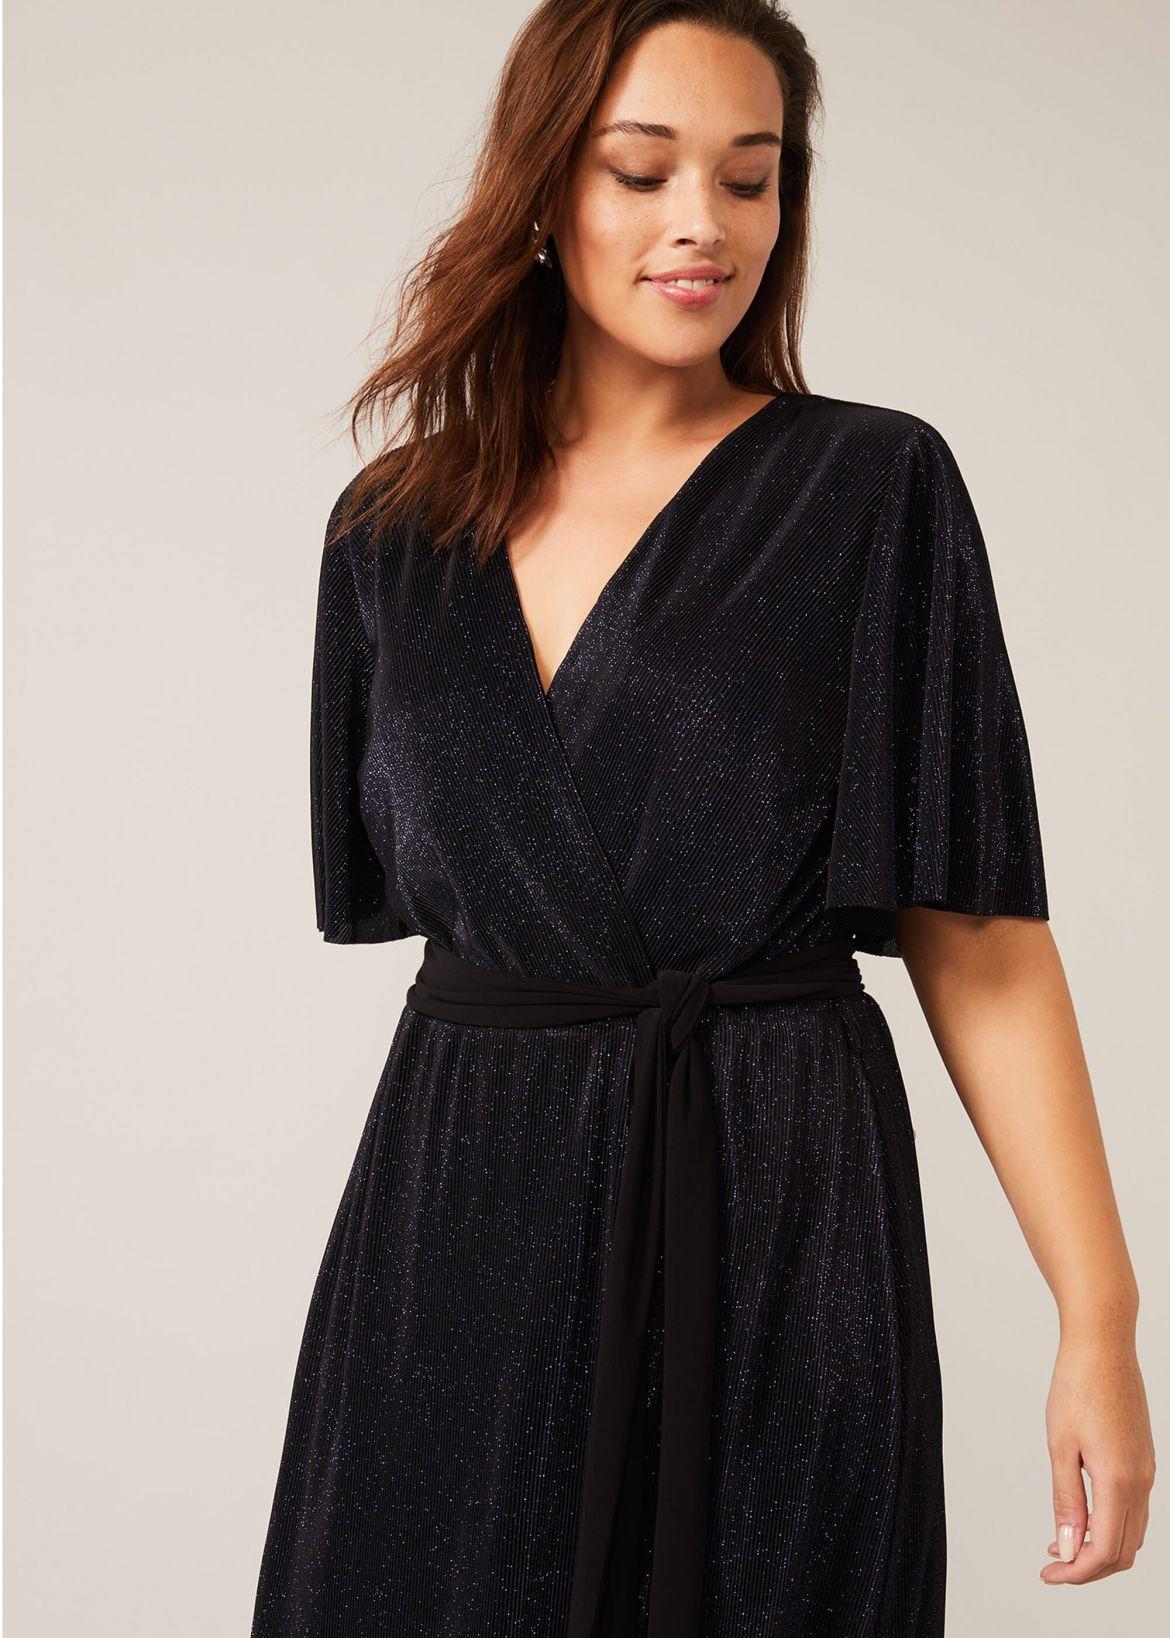 Hattie Plisse Sparkle Maxi Dress